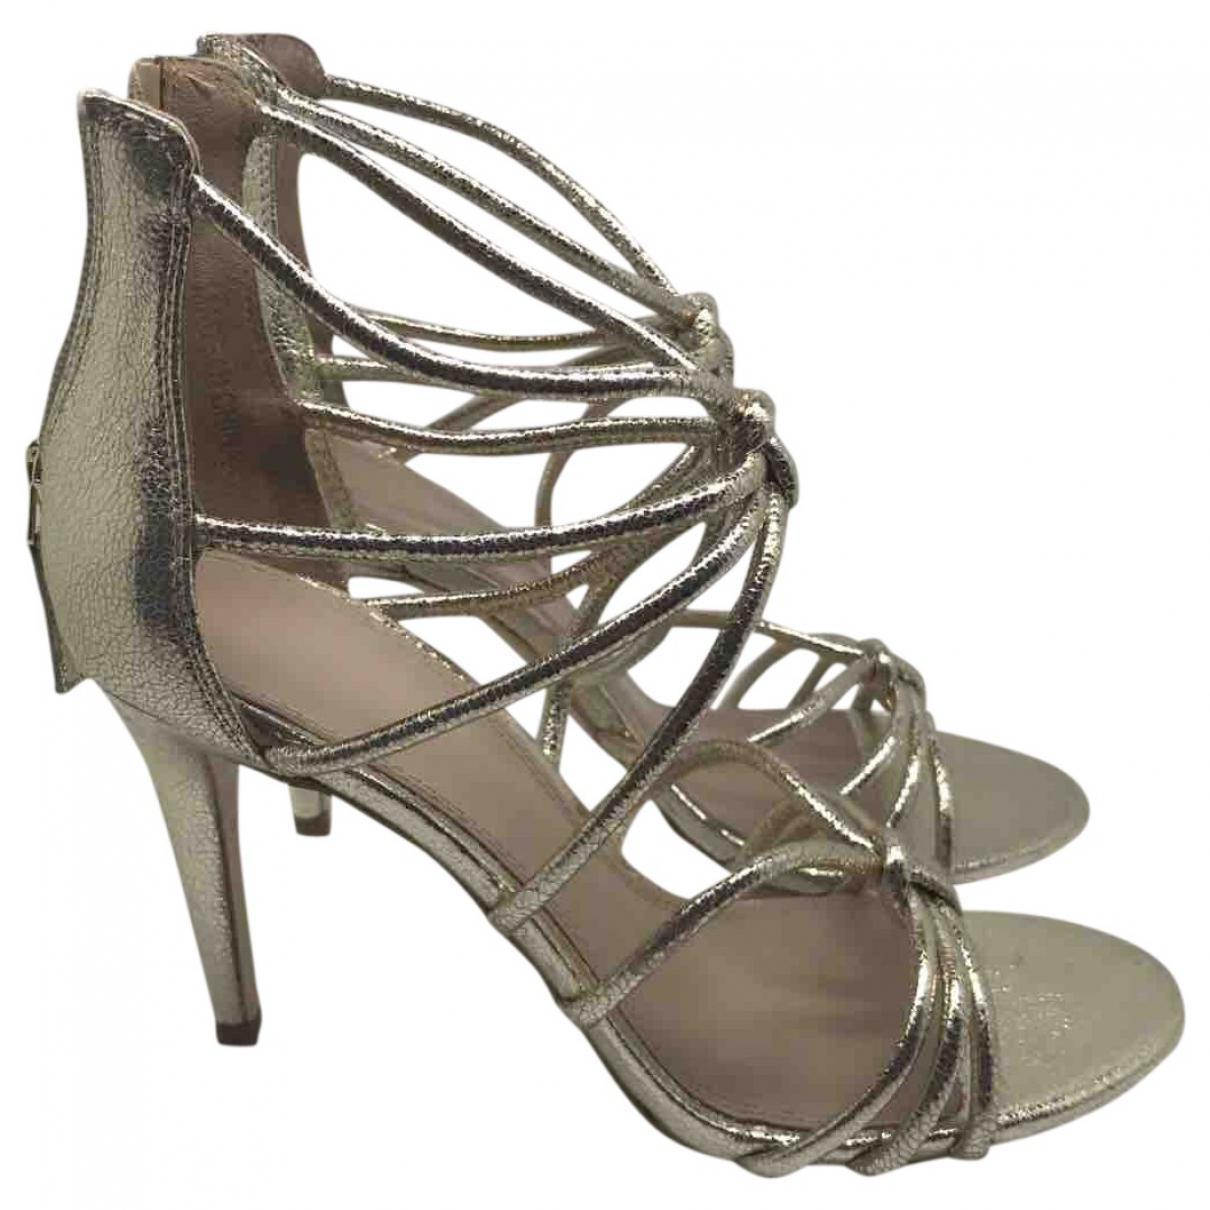 Pre-owned - Leather sandals Sandro NREAf42IG